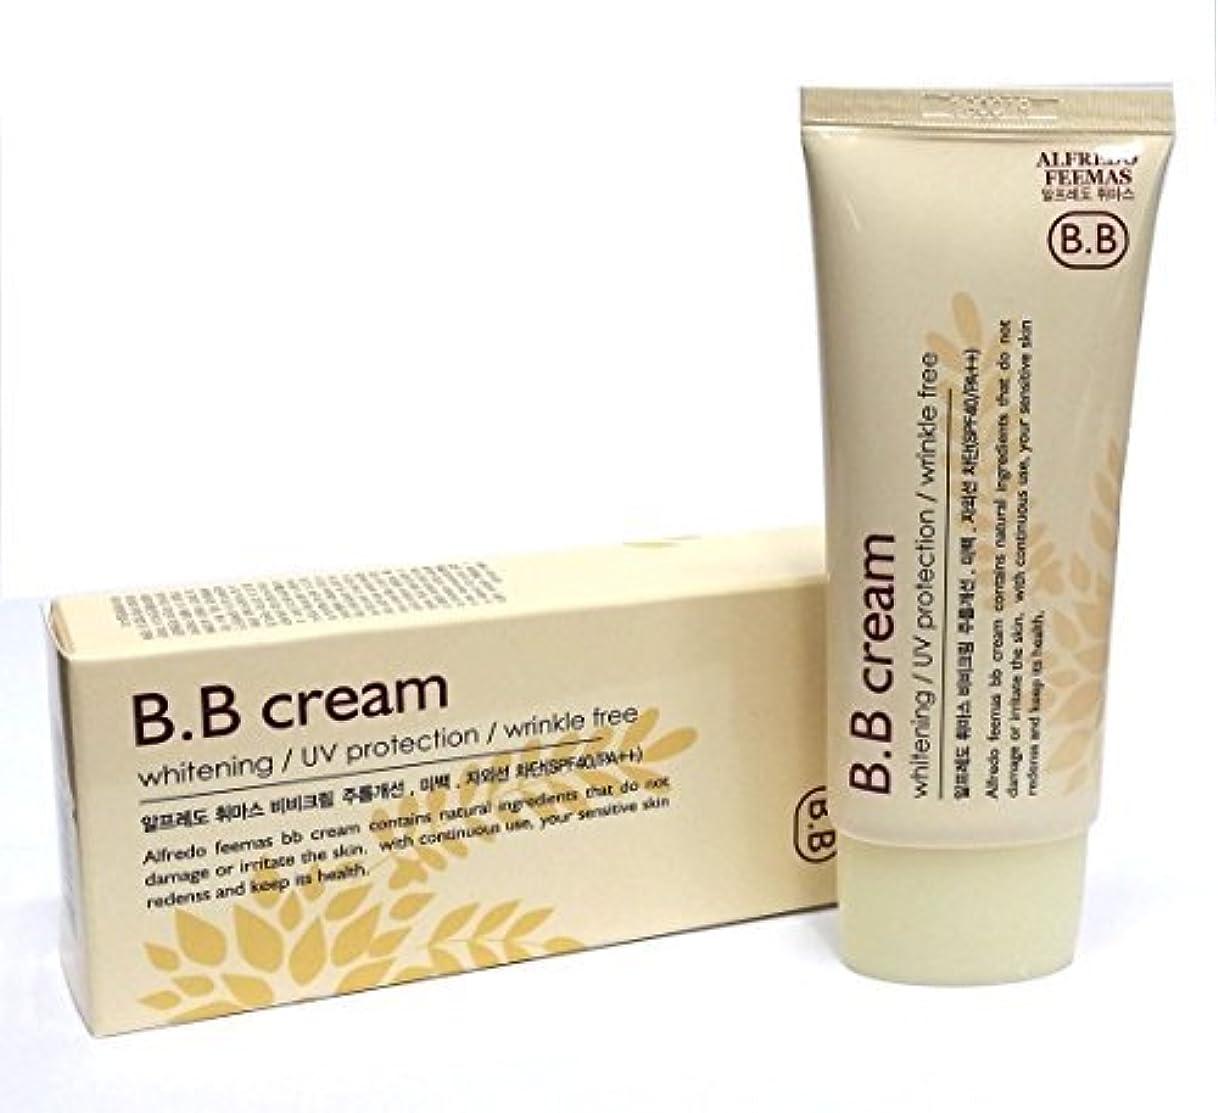 コーラス致命的な雇用[ALFREDO FEEMAS] シャイニングBBクリームホワイトニング日焼け止めSPF40 PA++ 50ml / 韓国化粧品 / Shining BB Cream Whitening Sunblock SPF40 PA...